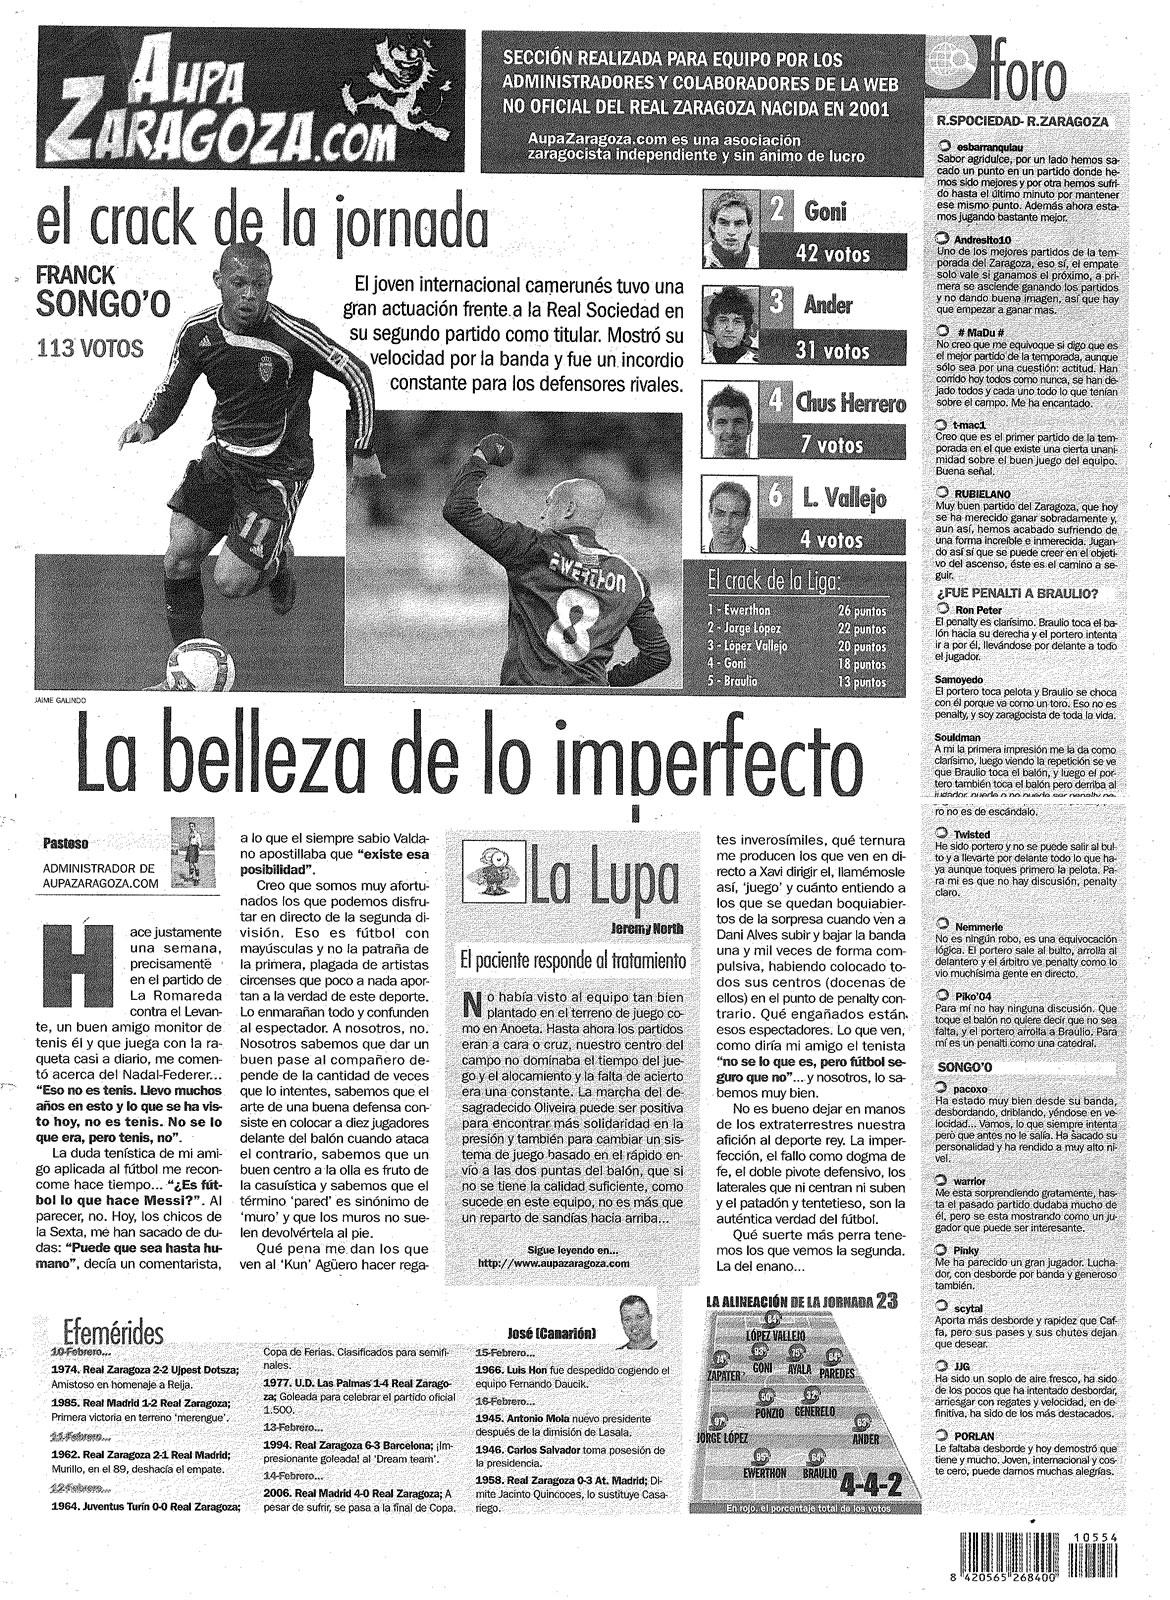 AZEquipo.09-02-10